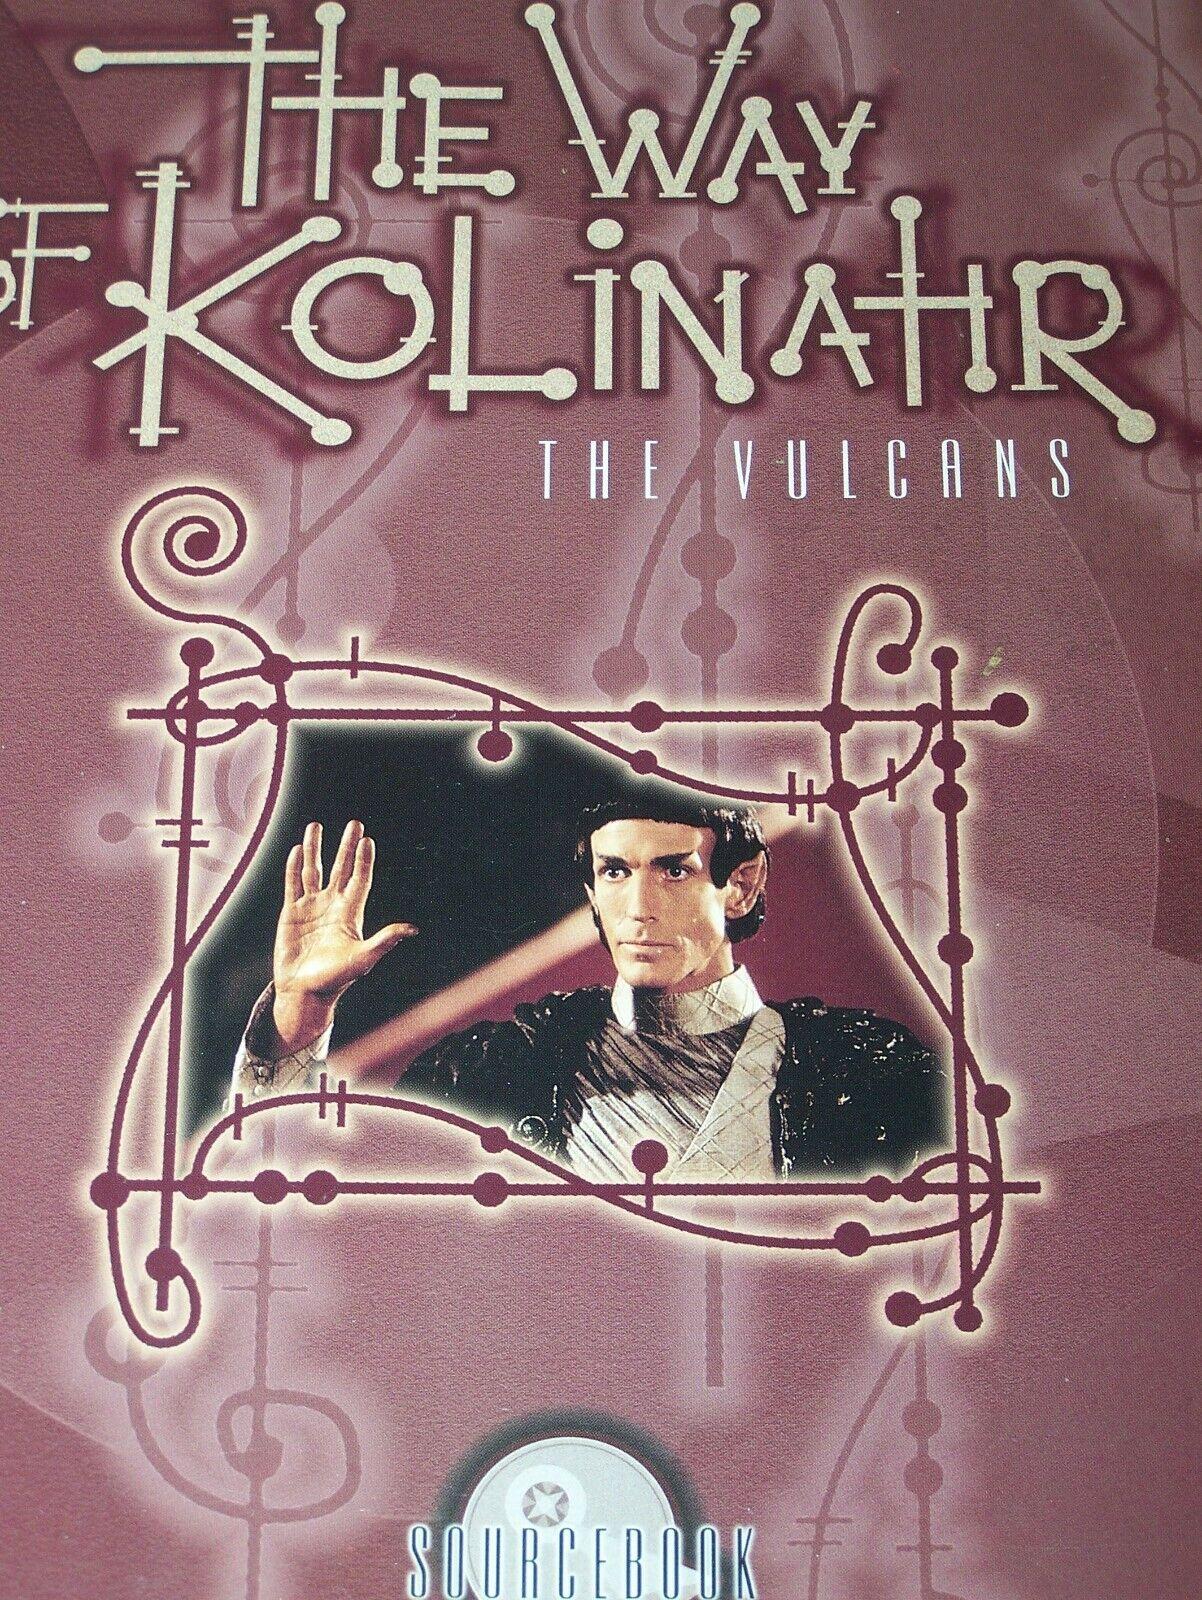 Star Trek cohete propulsado Granada últimos juegos de unicornio (5) forma de Kolinahr los vulcanos Core Juego + más